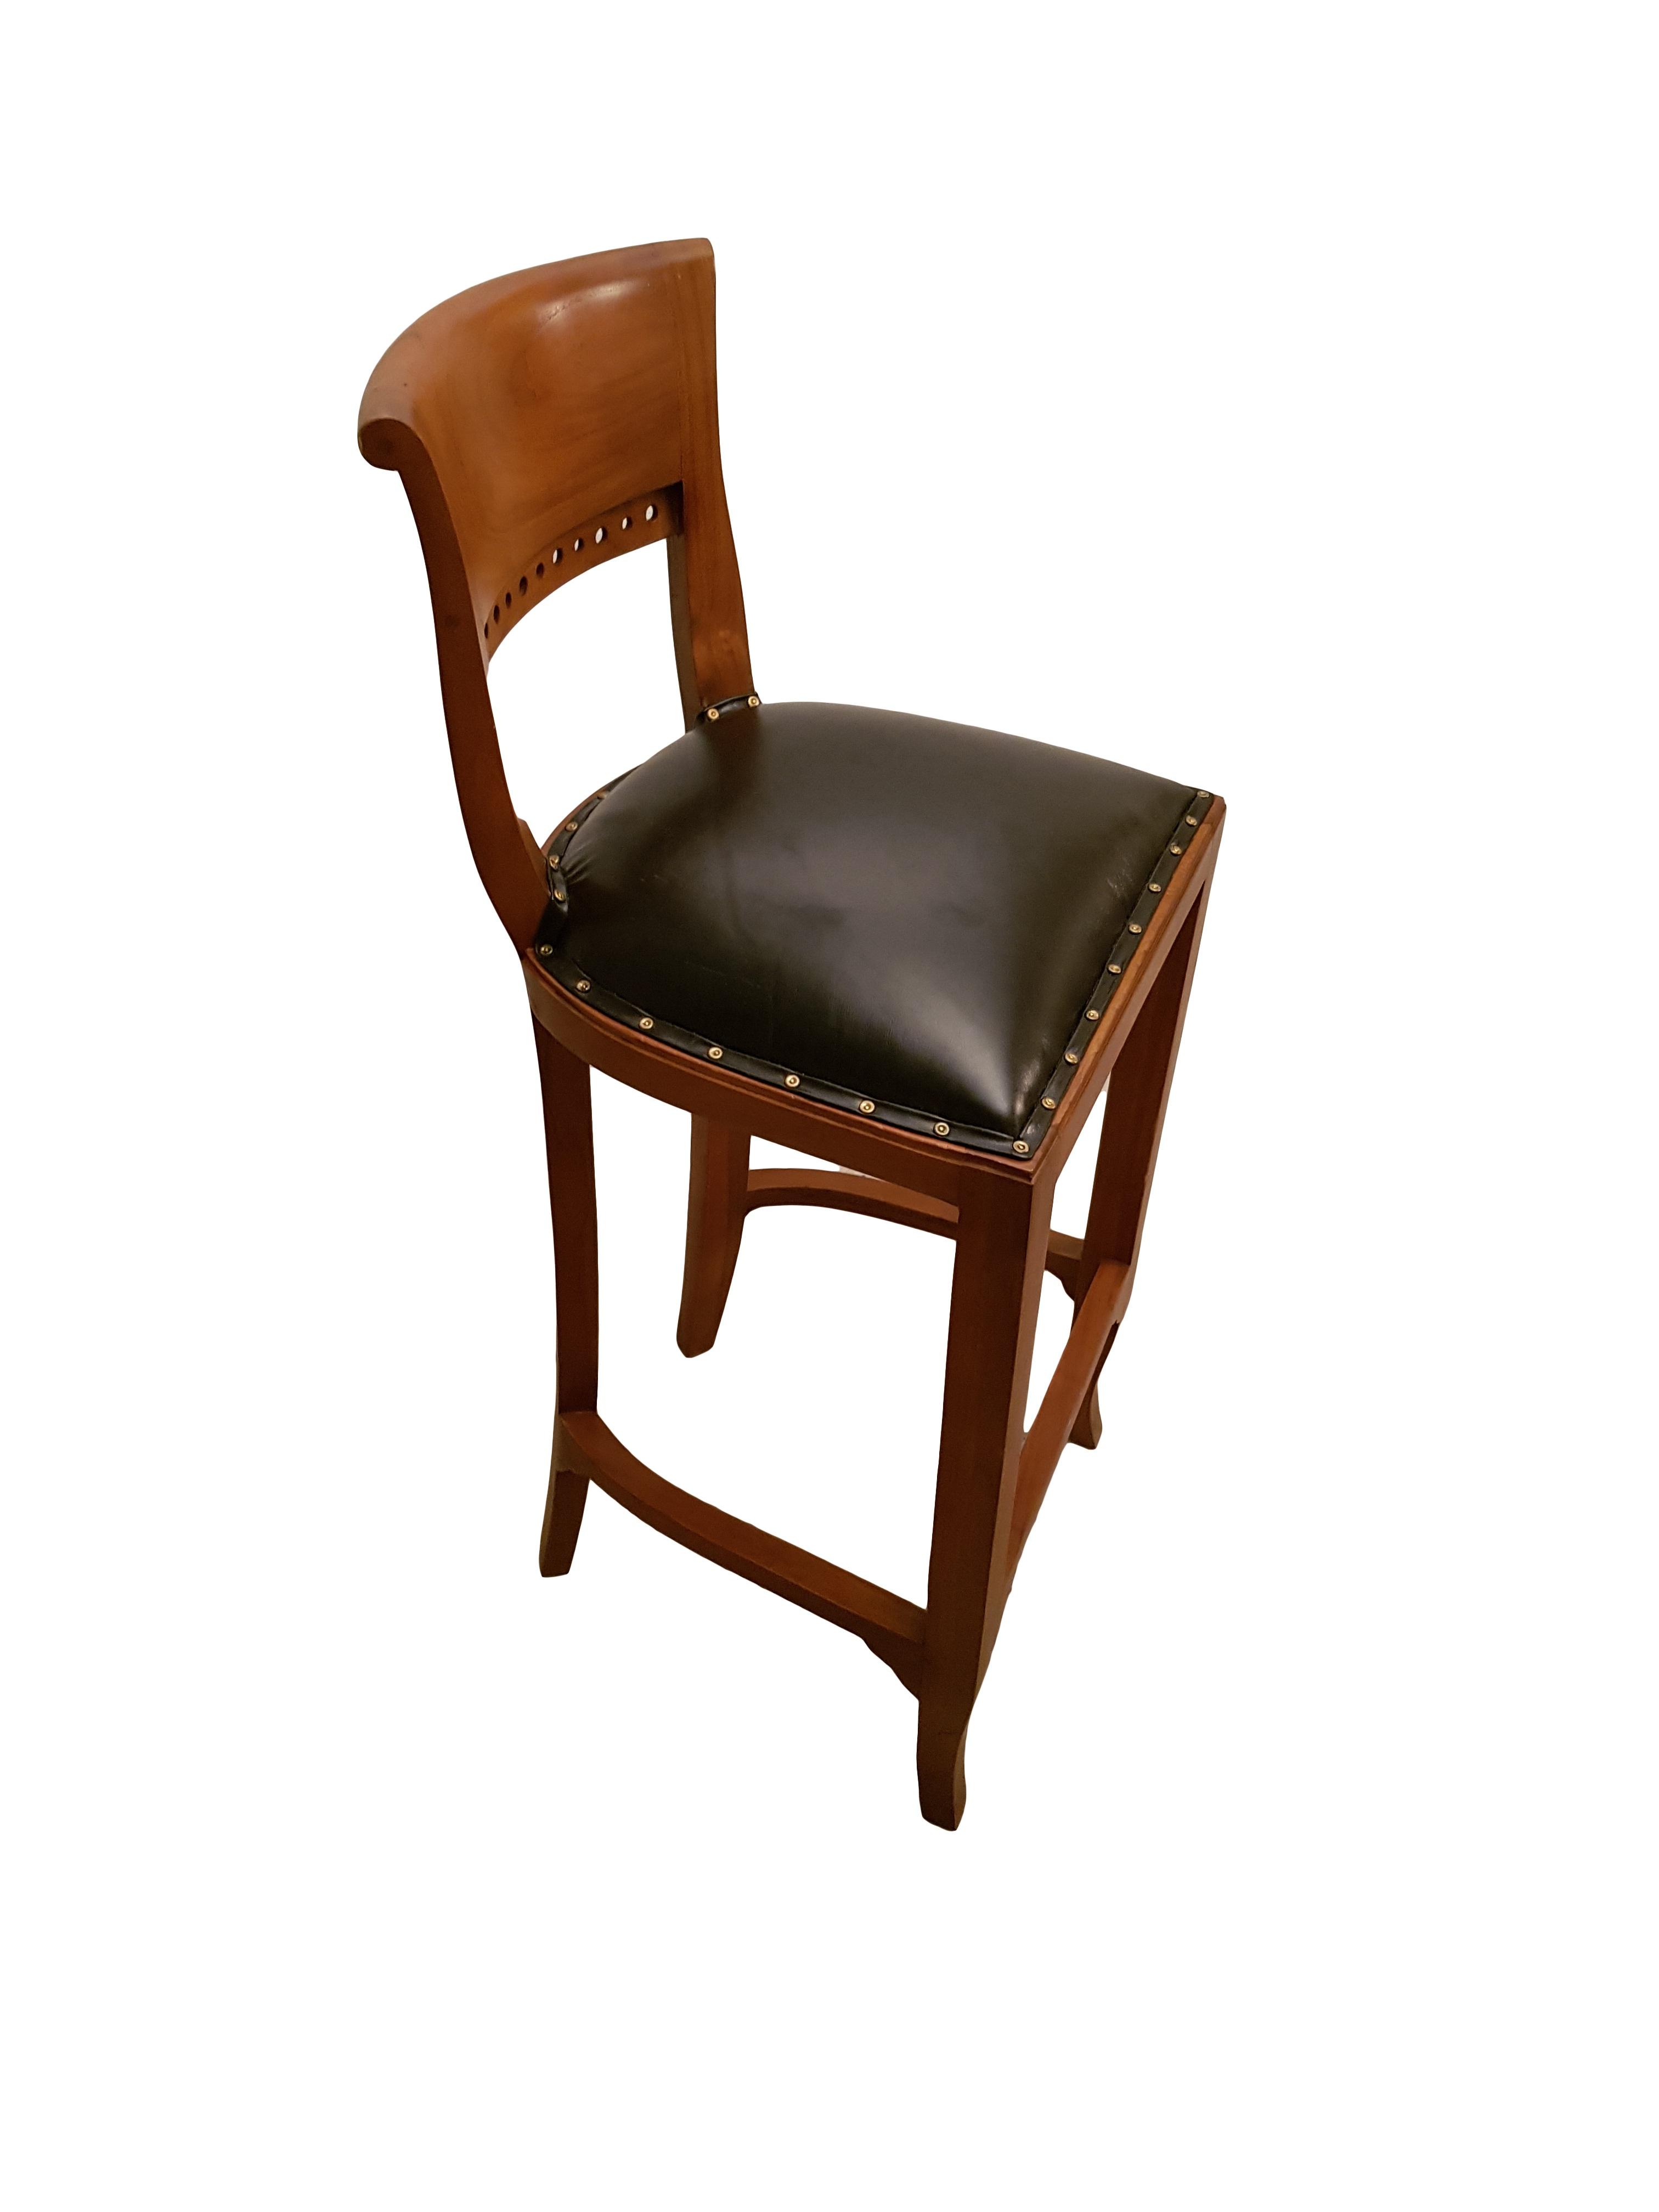 Fotos gratis : madera, cuero, silla, taburete, bar, producto, brazo ...